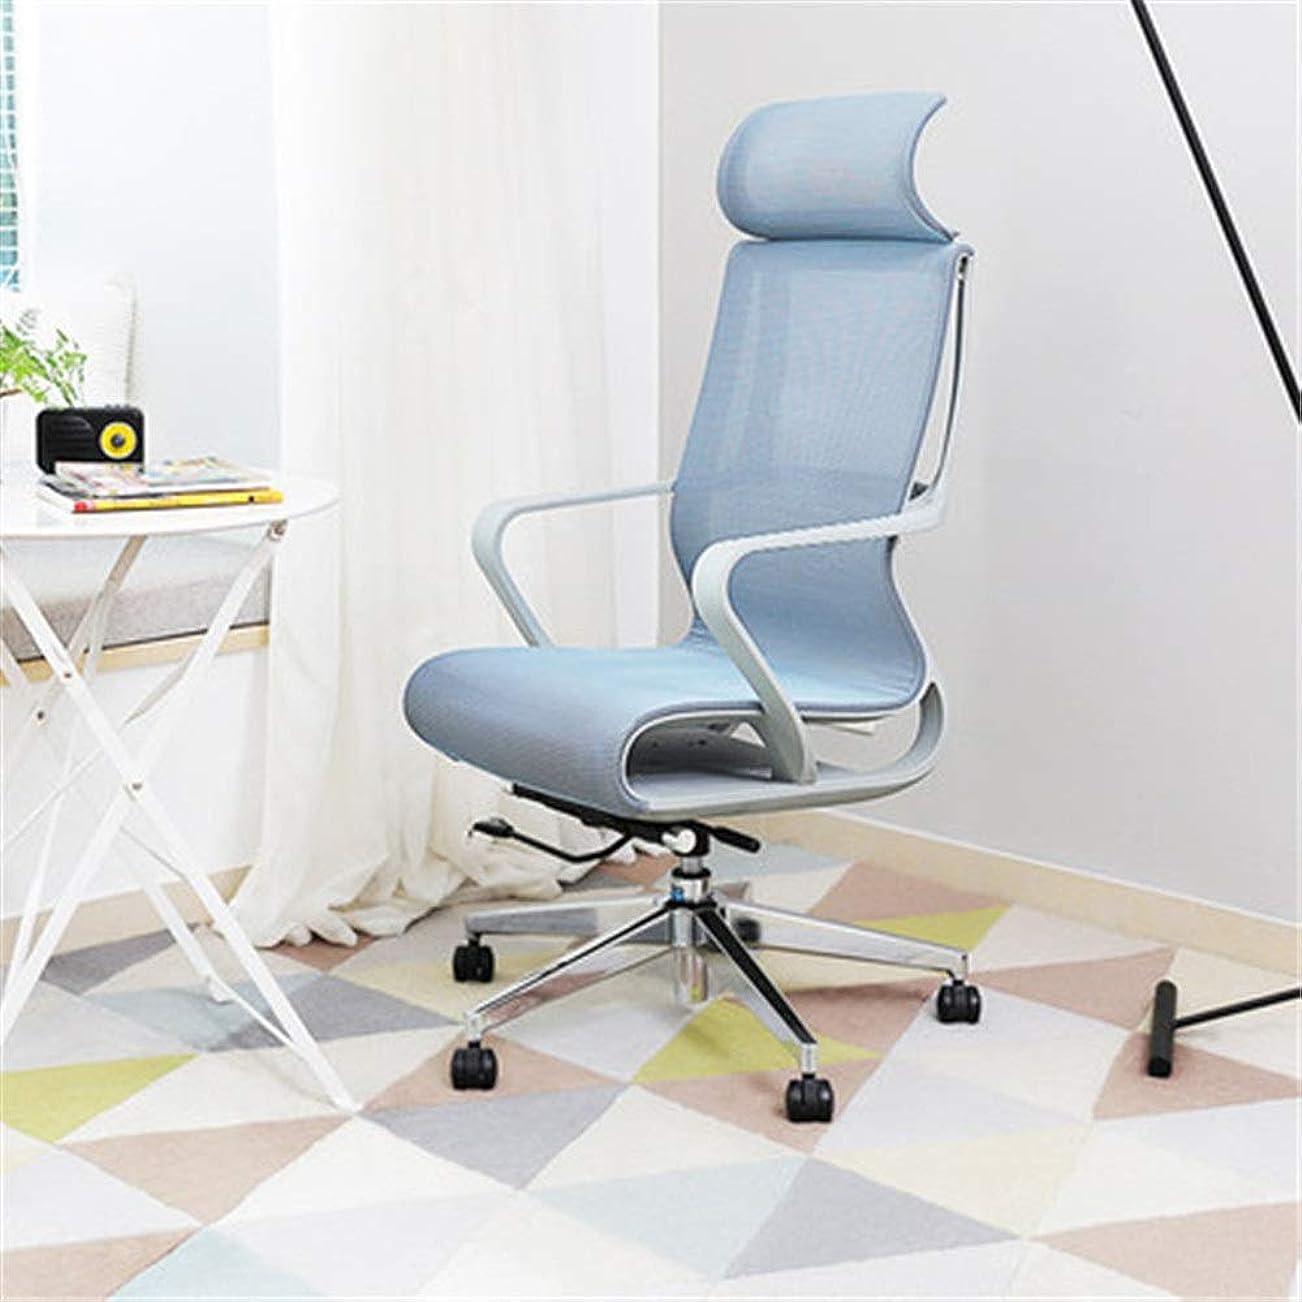 ボスシンジケート印象派事務用椅子 近代的なミニマリストのオフィスチェア人間工学に基づいた椅子コンピュータチェアホームオフィスチェア学習室チェアメッシュ+スチール 座面調節 勉強用 おしゃれ (Color : Gray, Size : 117x70x70cm)